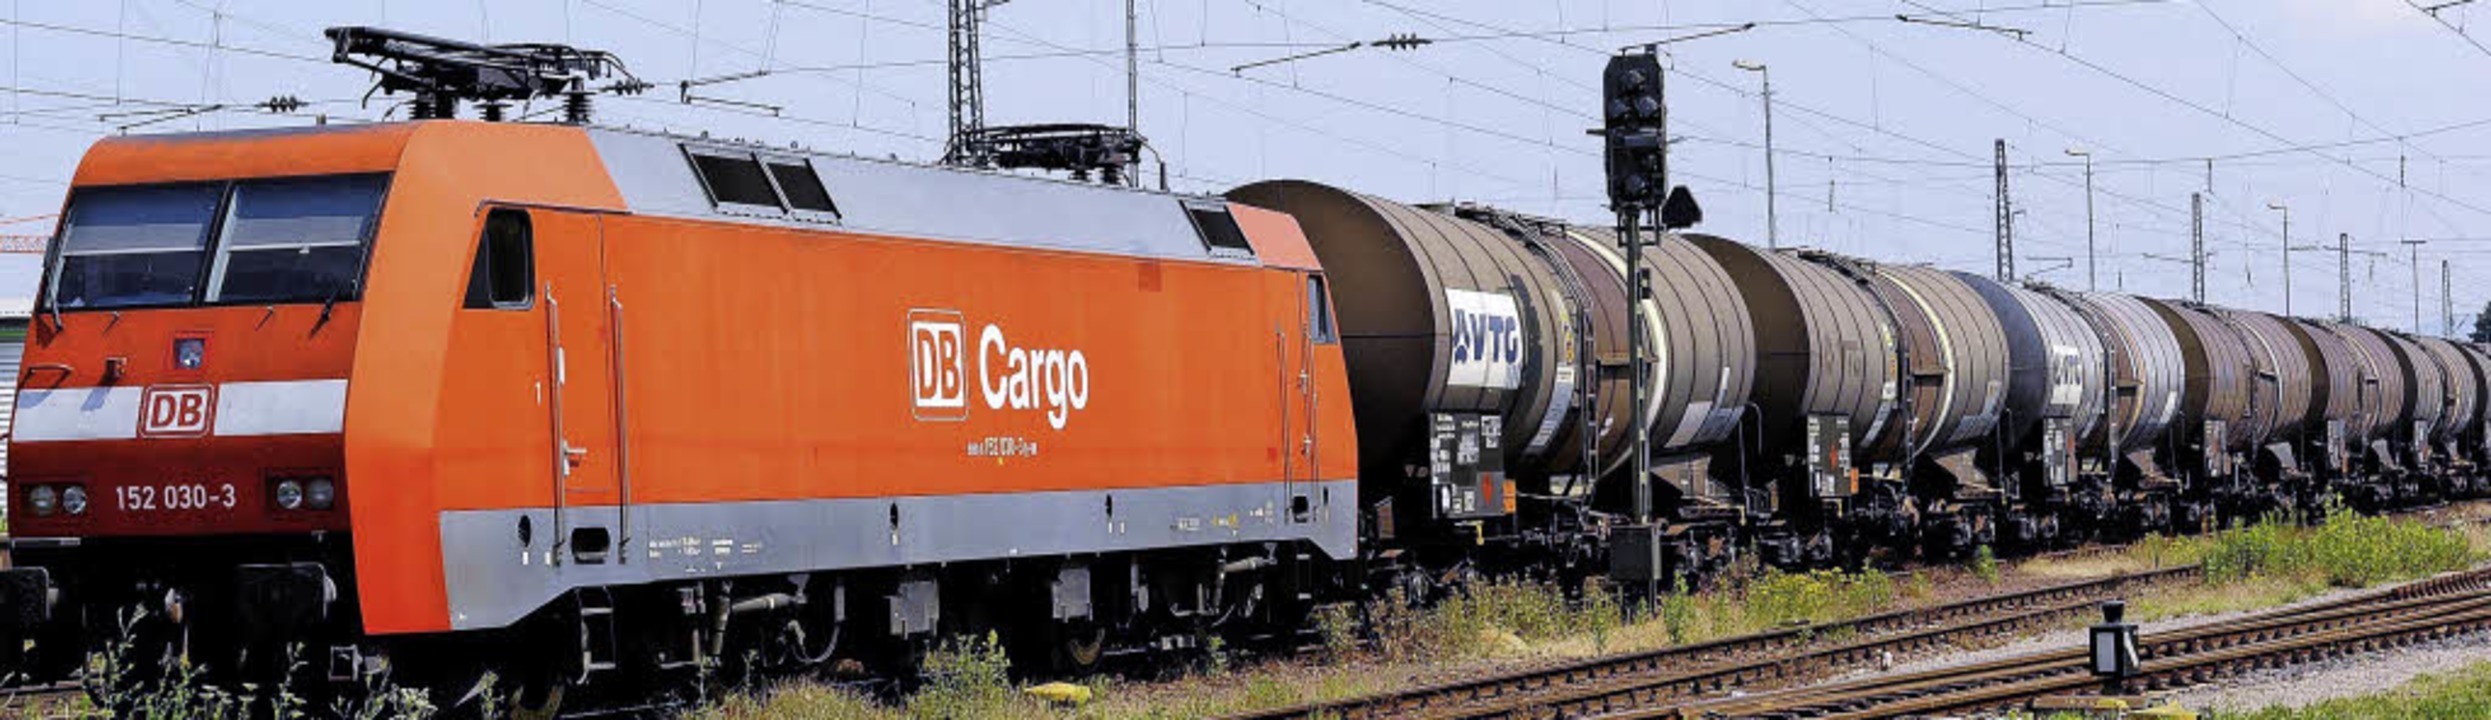 Ist die Hochrheinstrecke erst elektrif...11; Güterverkehr, so die Befürchtung.   | Foto: Ingo Schneider